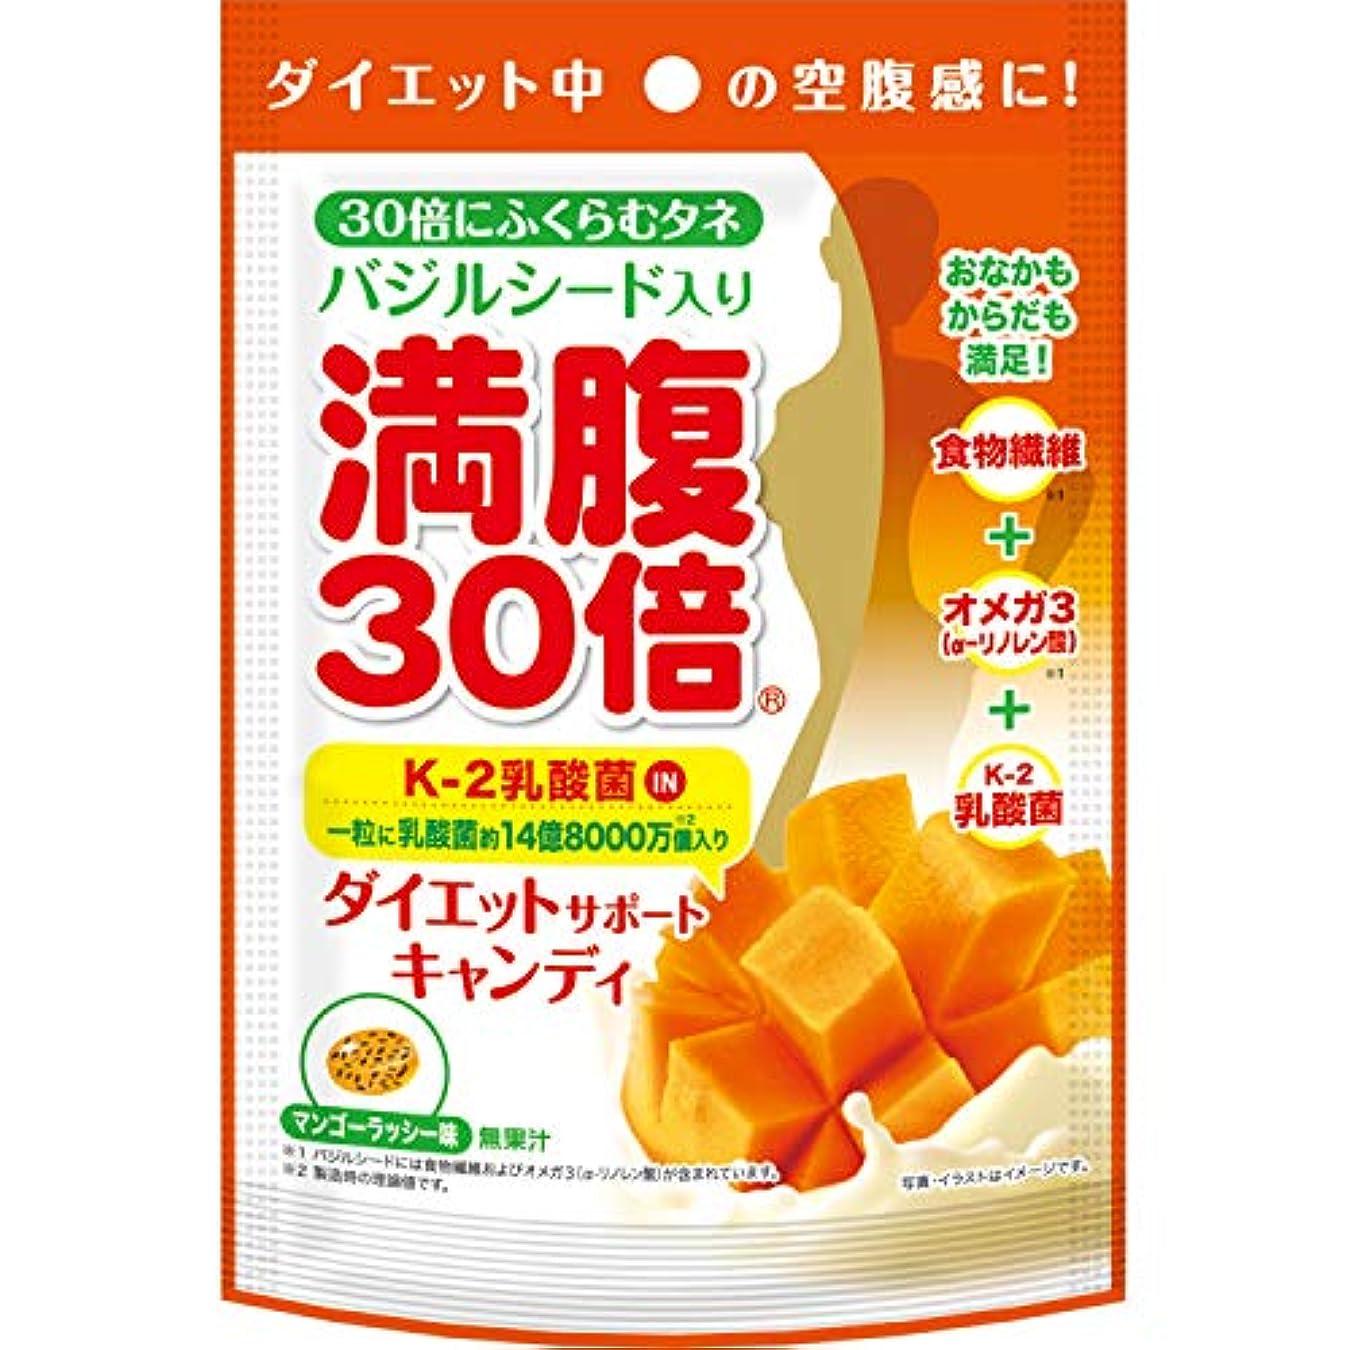 ニュース川ファン満腹30倍 ダイエットサポートキャンディ マンゴーラッシー 42g